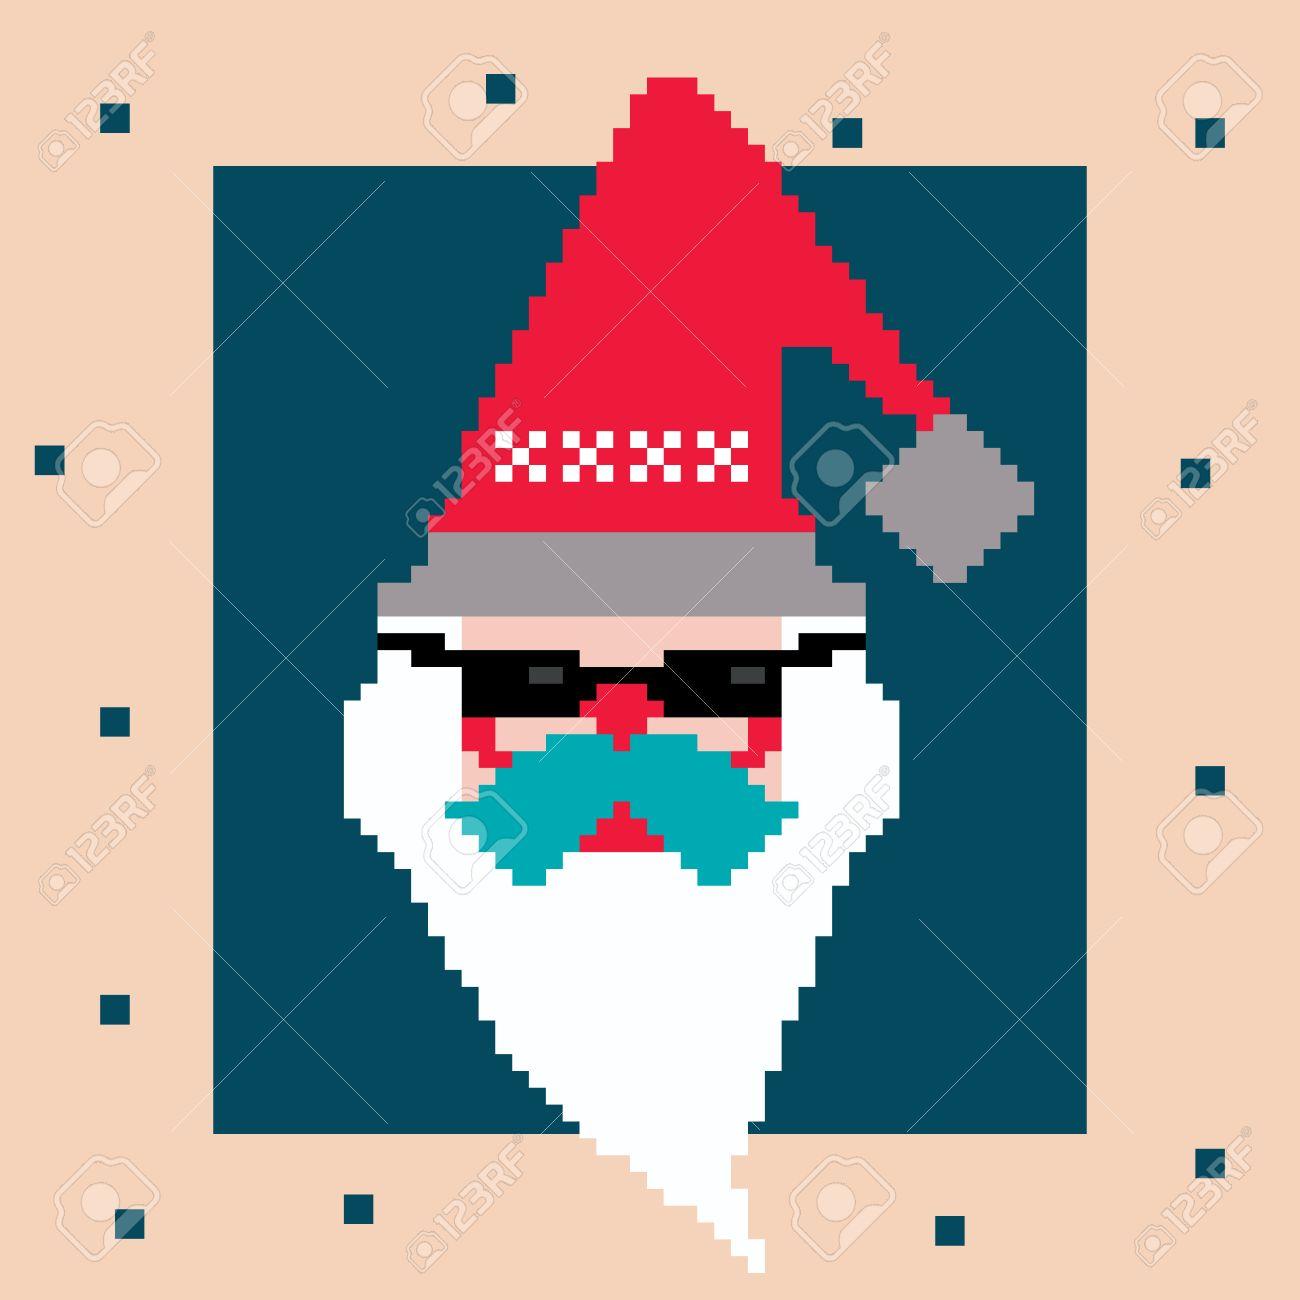 Pixel Père Noël Personnage De Dessin Animé Vecteur Dans Le Chapeau Rouge Et Des Lunettes Noires Barbe Blanche Et Moustache Bleue